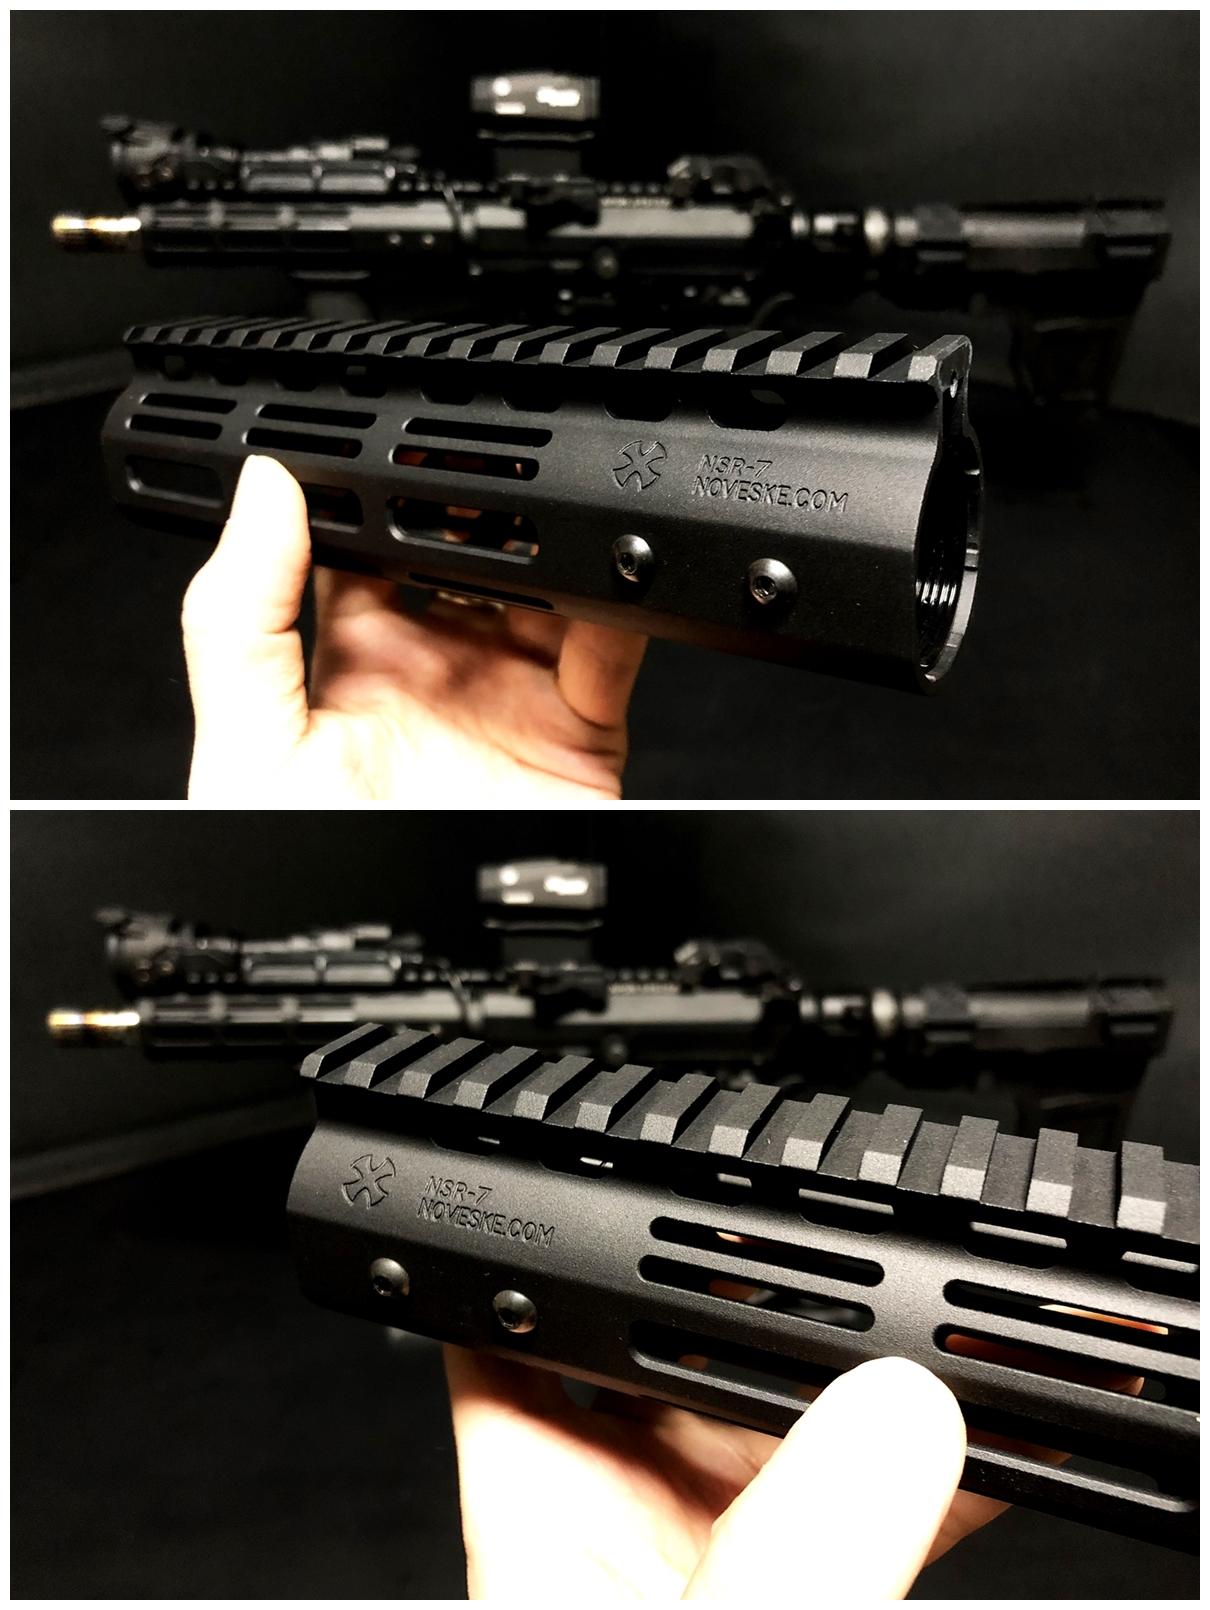 5 『微々たる変化』と『微々たる進化』 IRON vs 5KU M-LOK NSR NOVESKE TYPE N4 M4 AR15 ハンドガード 購入 分解 交換 検証 取付 レビュー